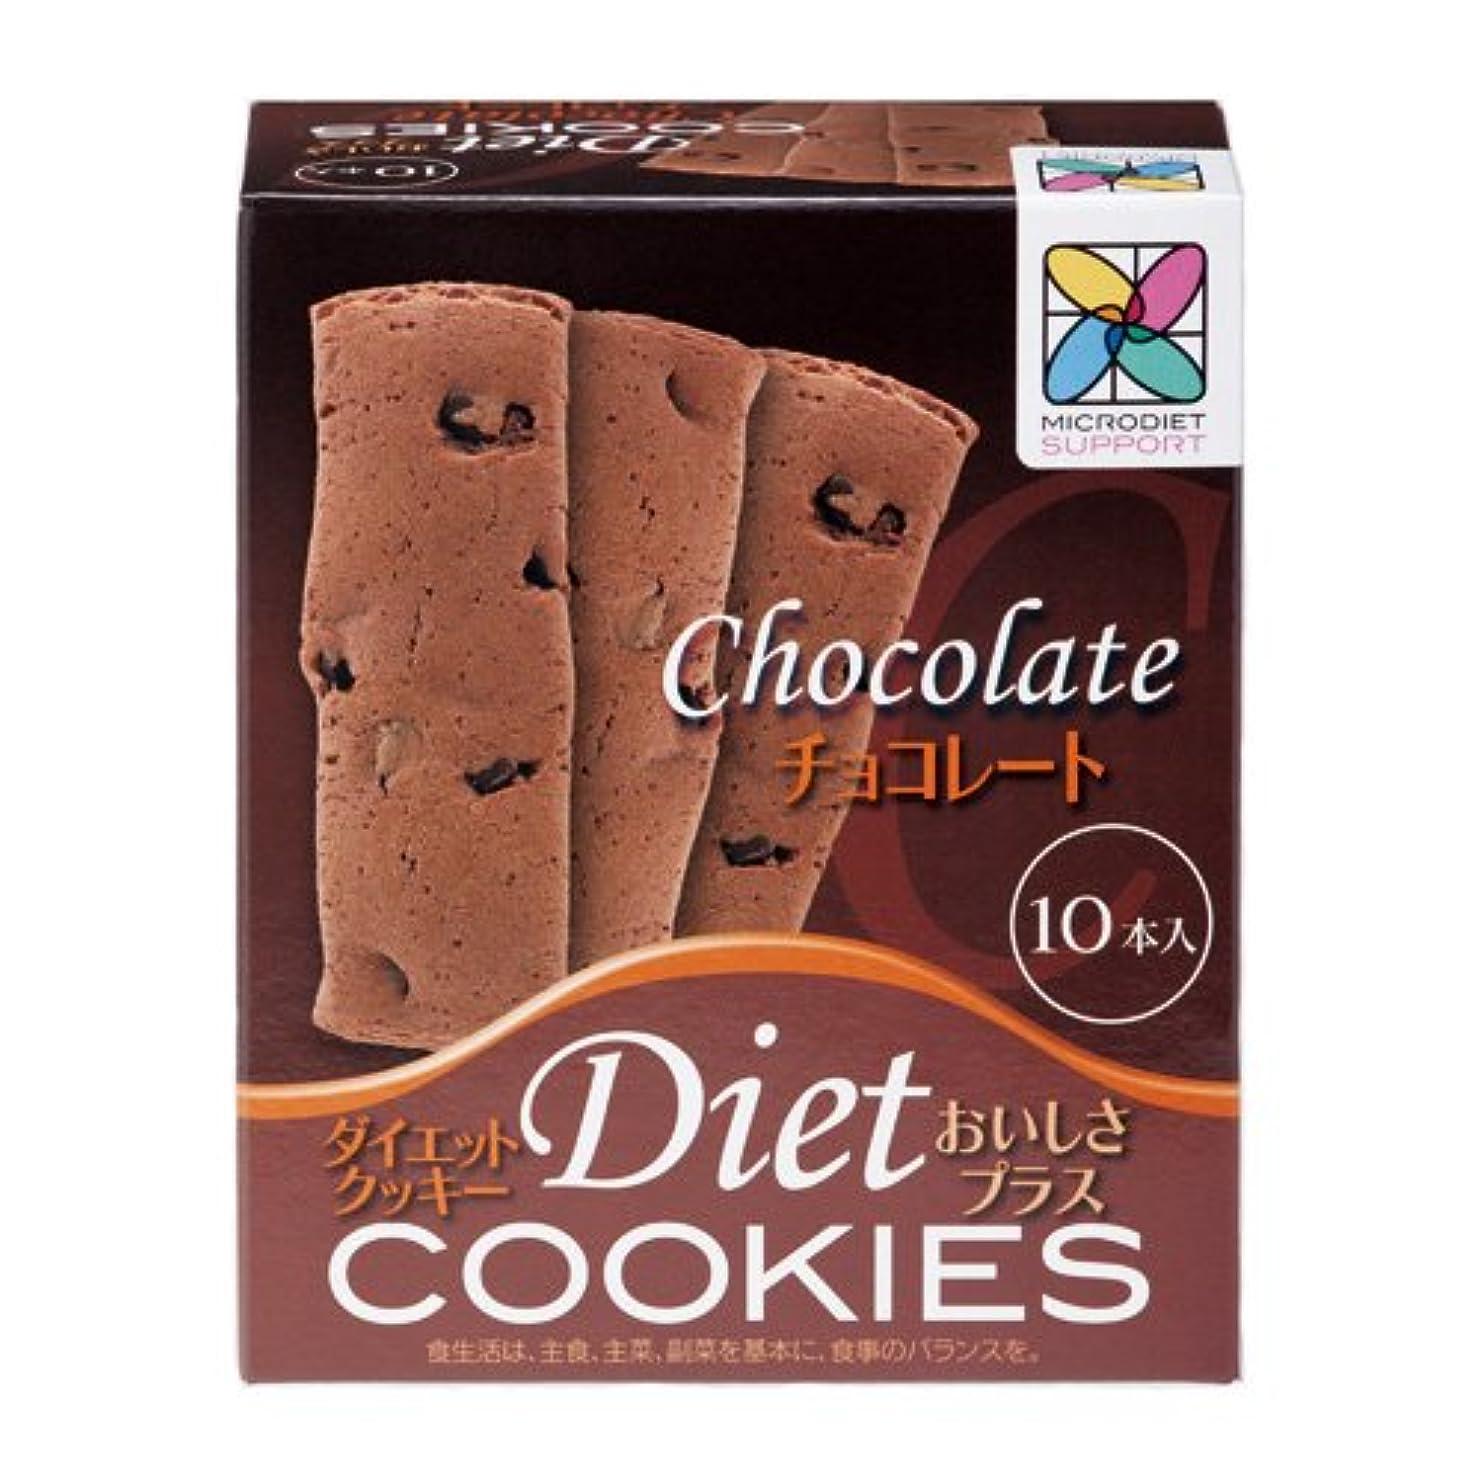 真面目な器用アッティカスダイエットクッキーおいしさプラス(チョコレート:1箱)(03753)